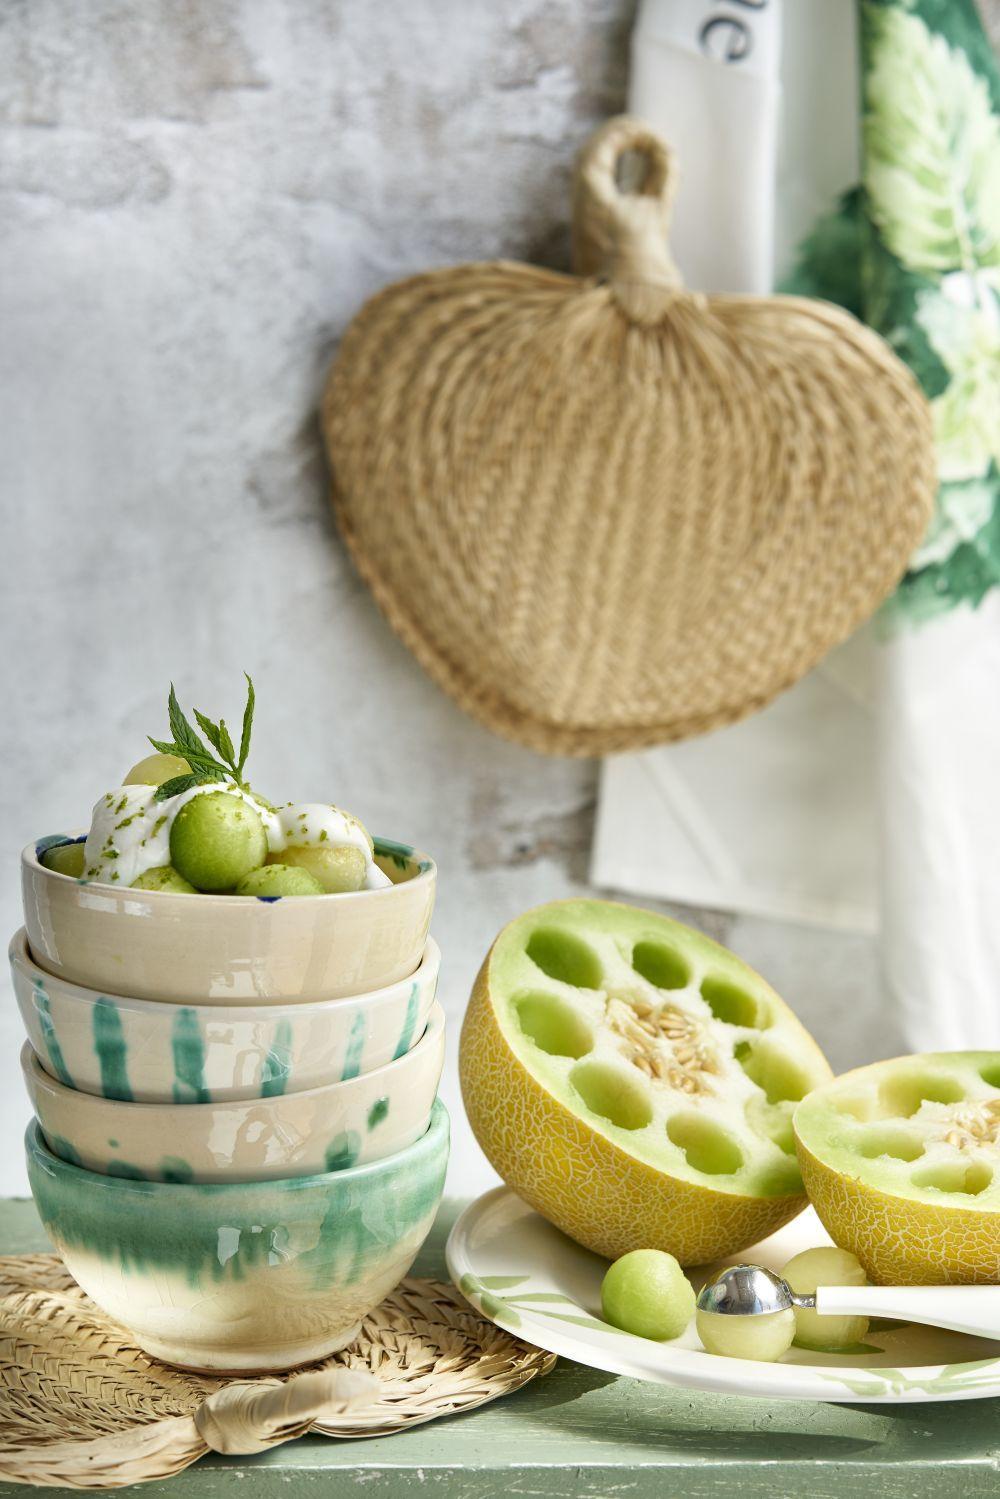 El melón es una fruta rica en fibras que también contribuye a la distensión abdominal y a mejorar la digestión.